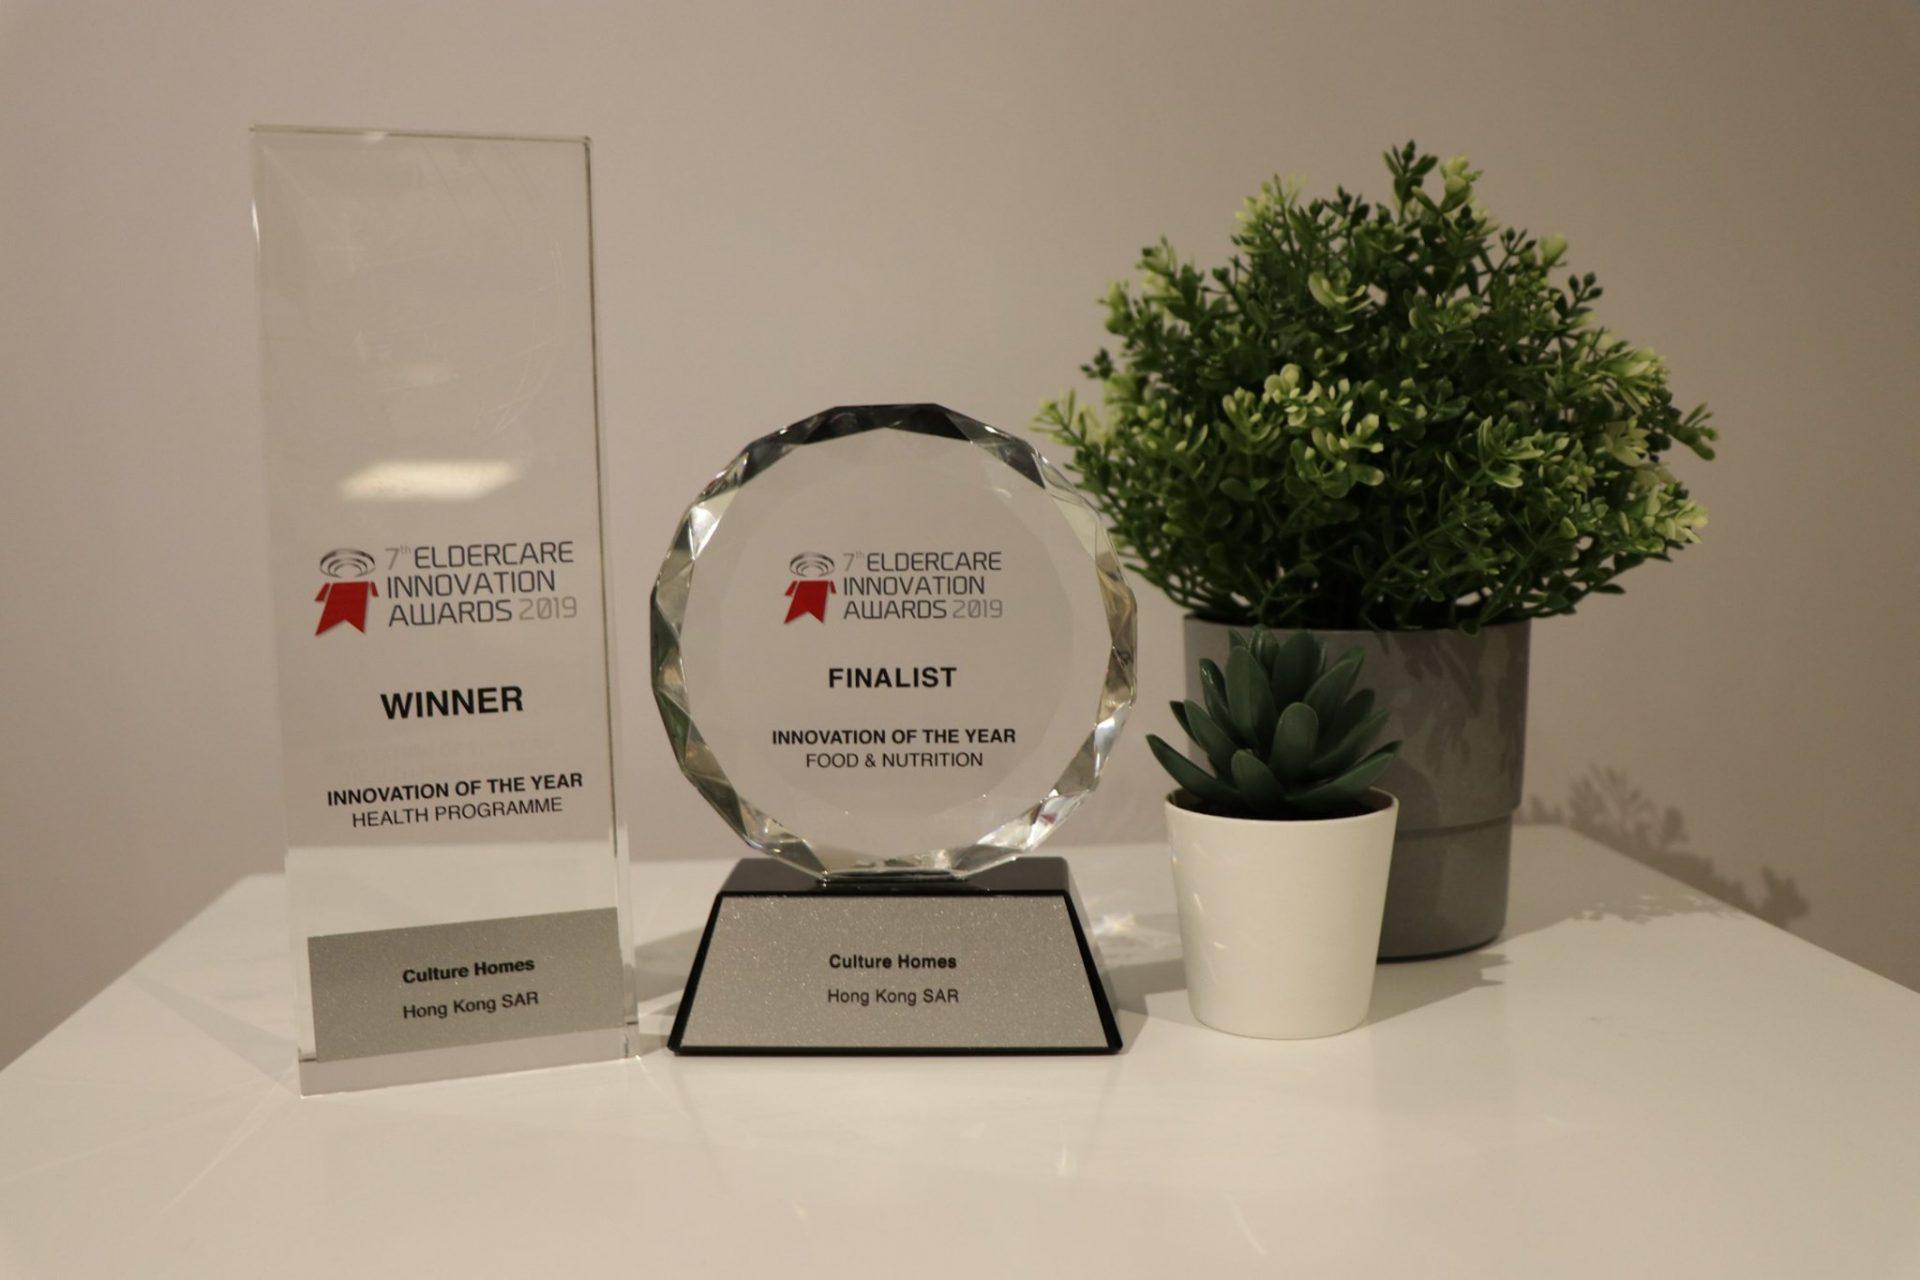 第七屆亞太區安老服務大獎,年度創新大獎